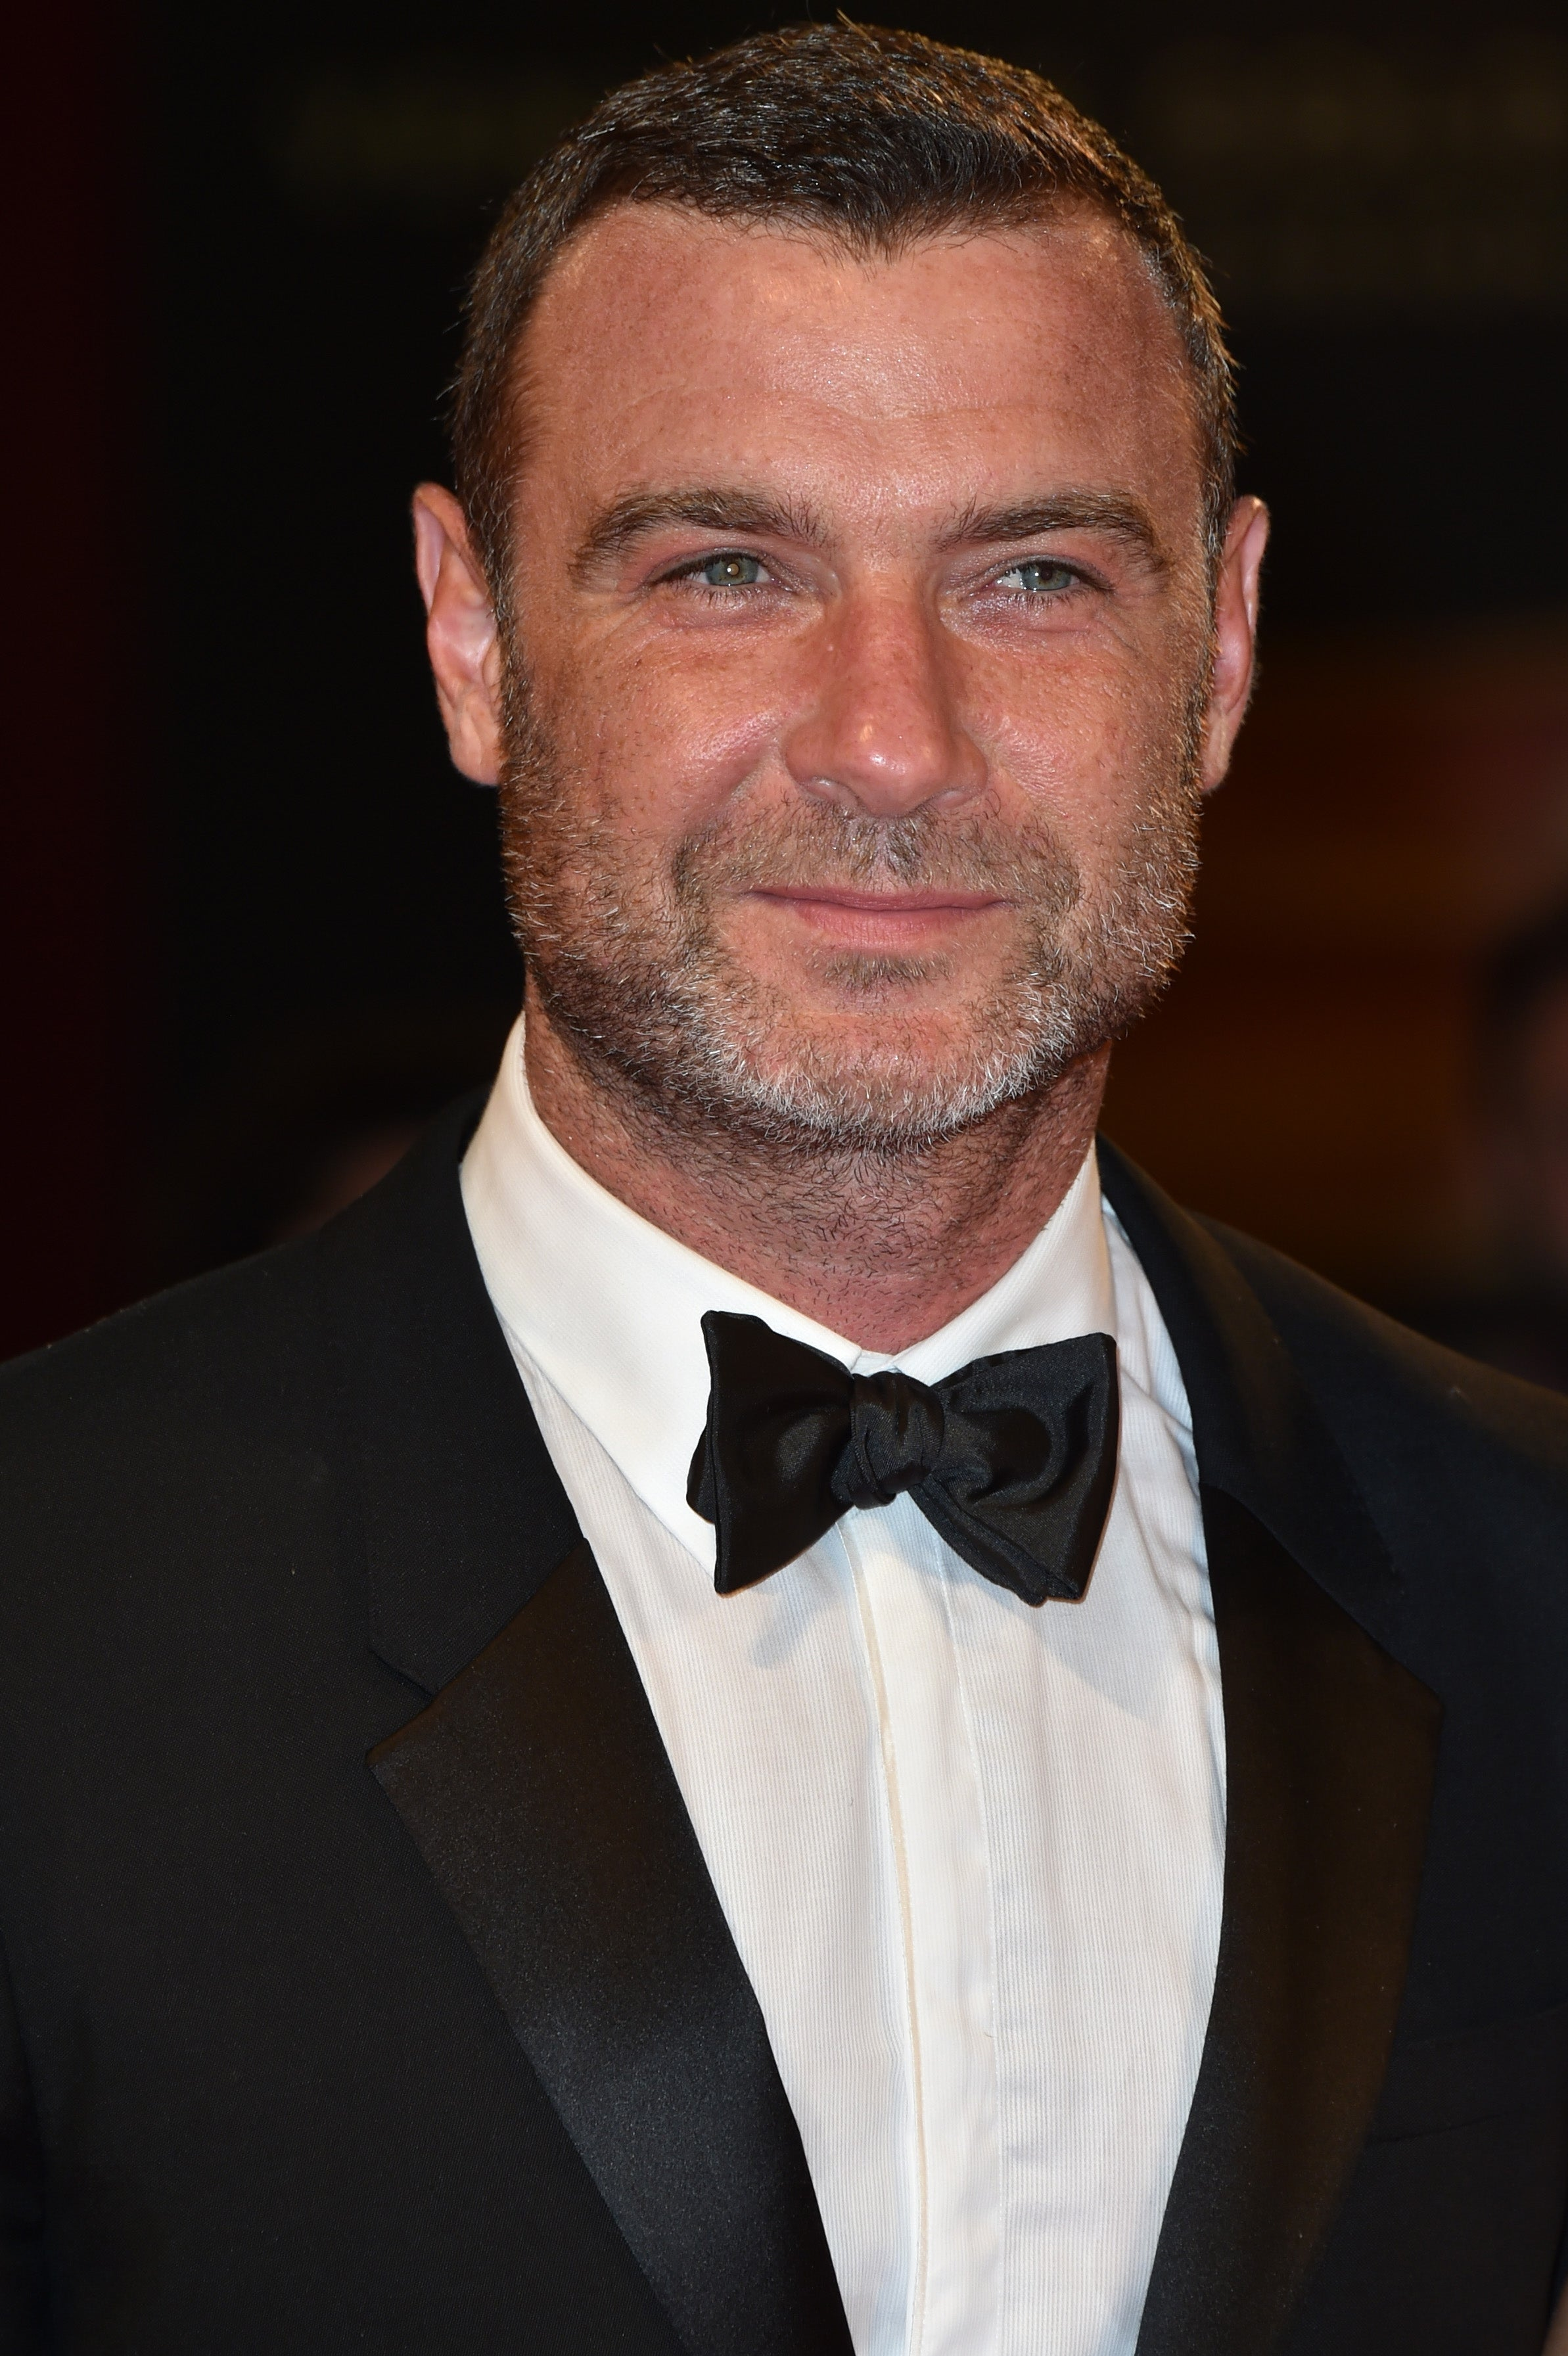 Actor Liev Schreiber